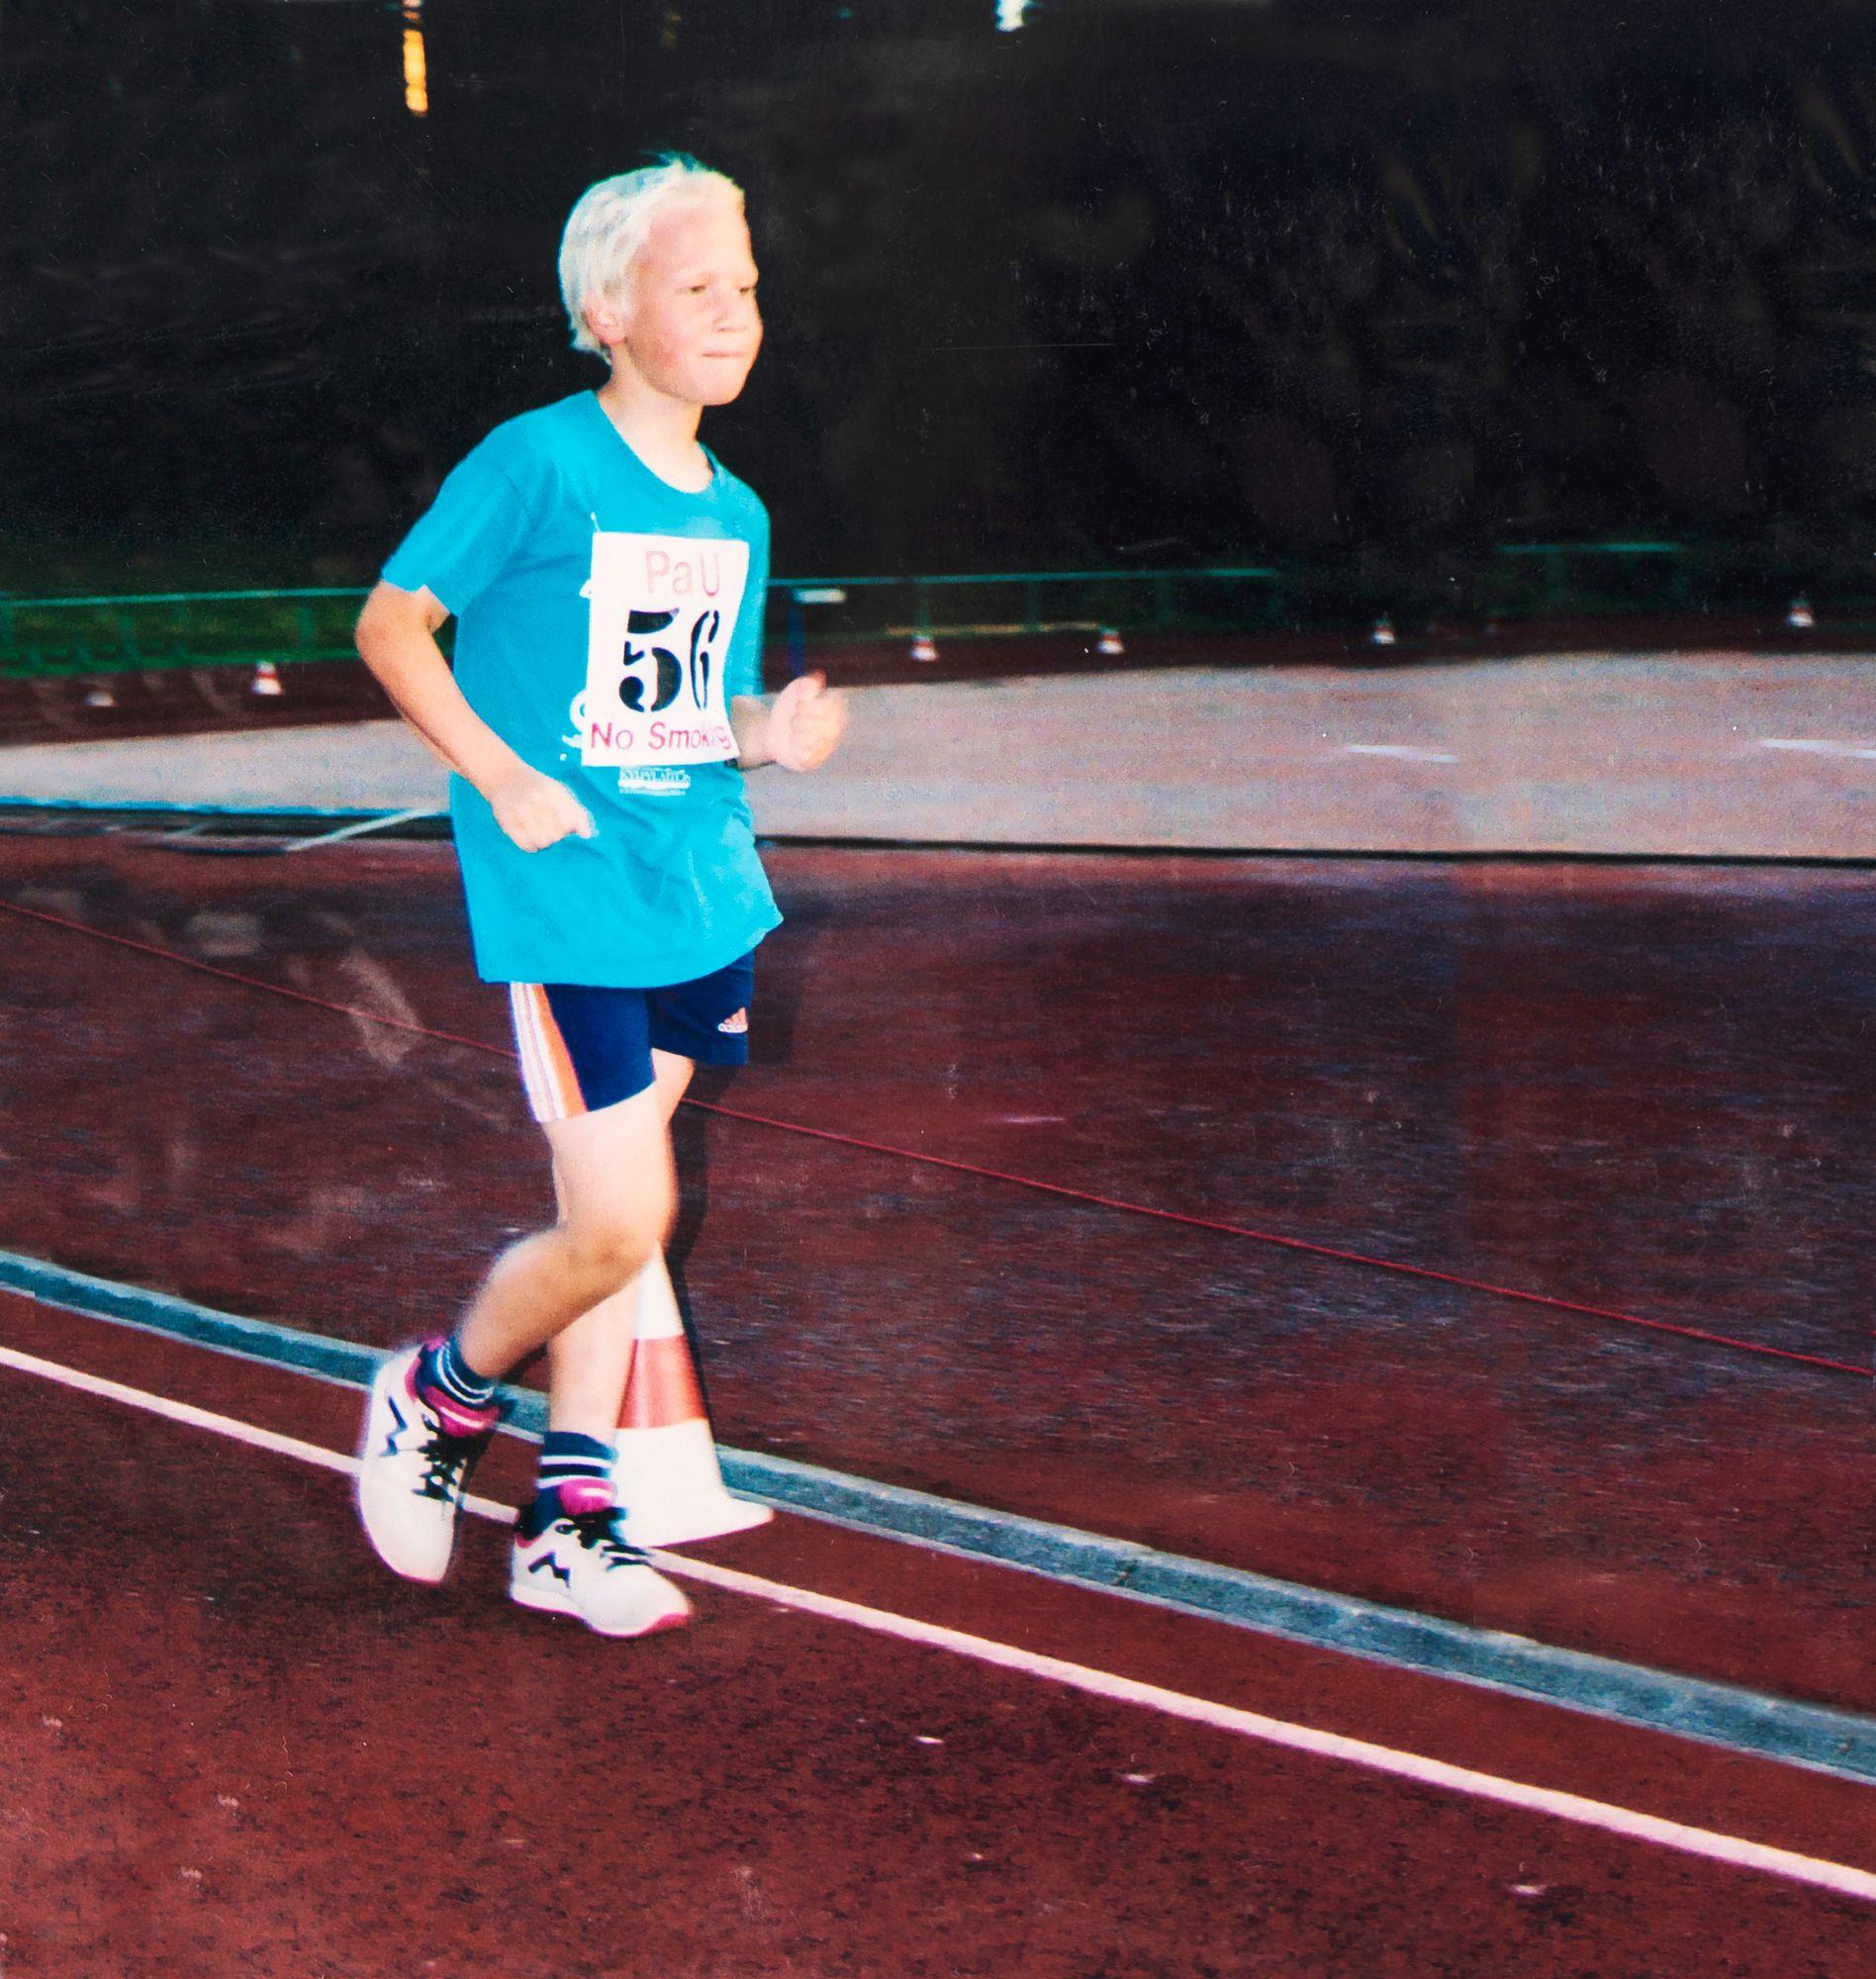 Aku Partasen kävelyura käynnistyi vuonna 1998, jolloin hän osallistui 600 metrin kävelyyn piirinmestaruuskisoissa. Tuloksena oli voitto piirinennätysajalla. © Aku Partasen kotialbumi